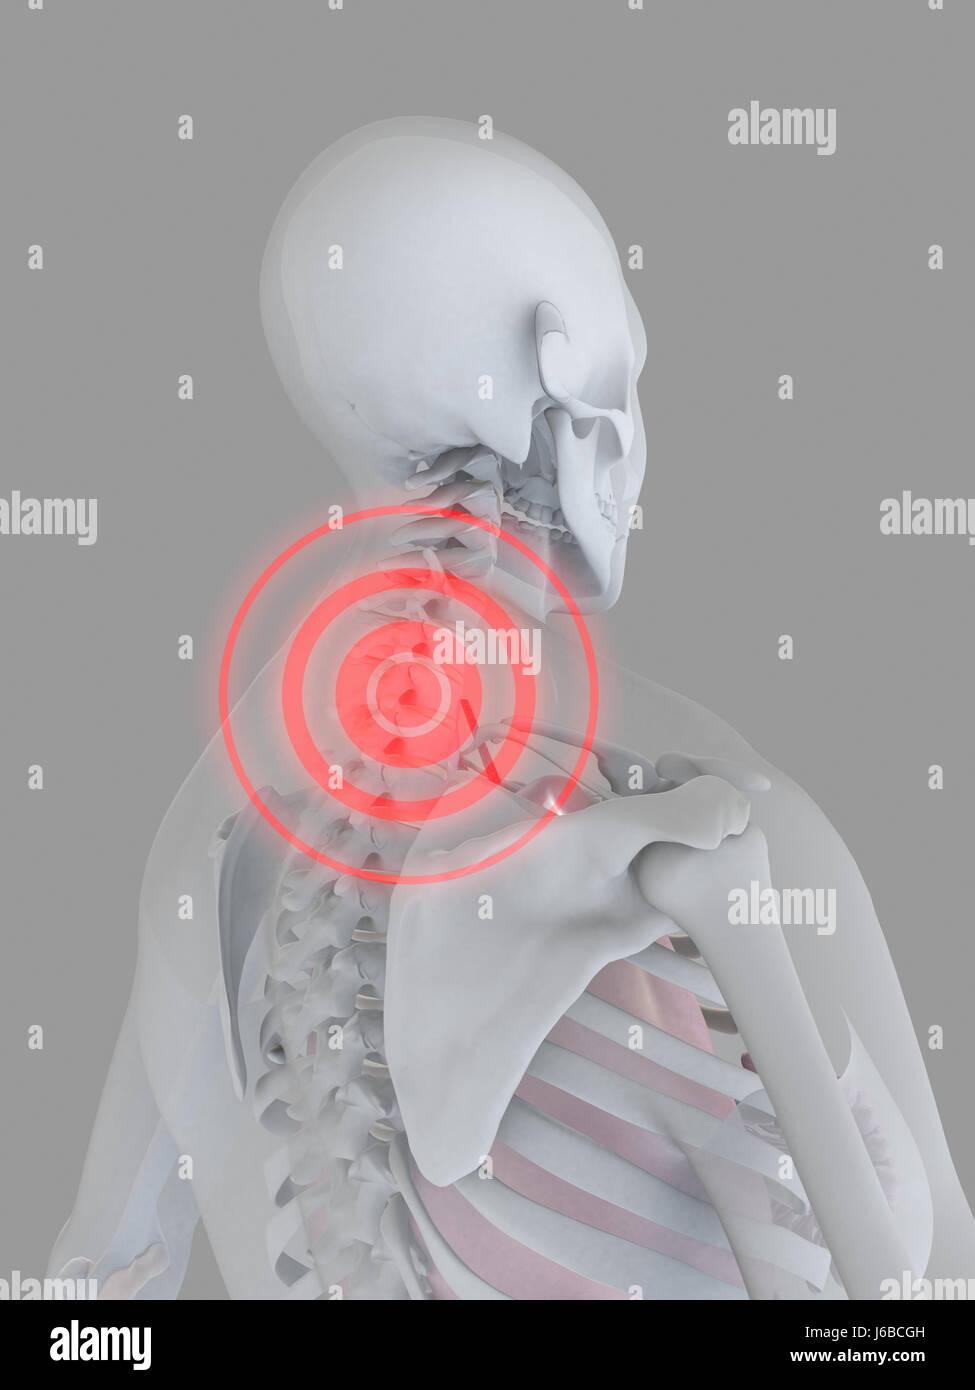 medizinisch medizinischer weibliche menschliche Mensch Skelett ...